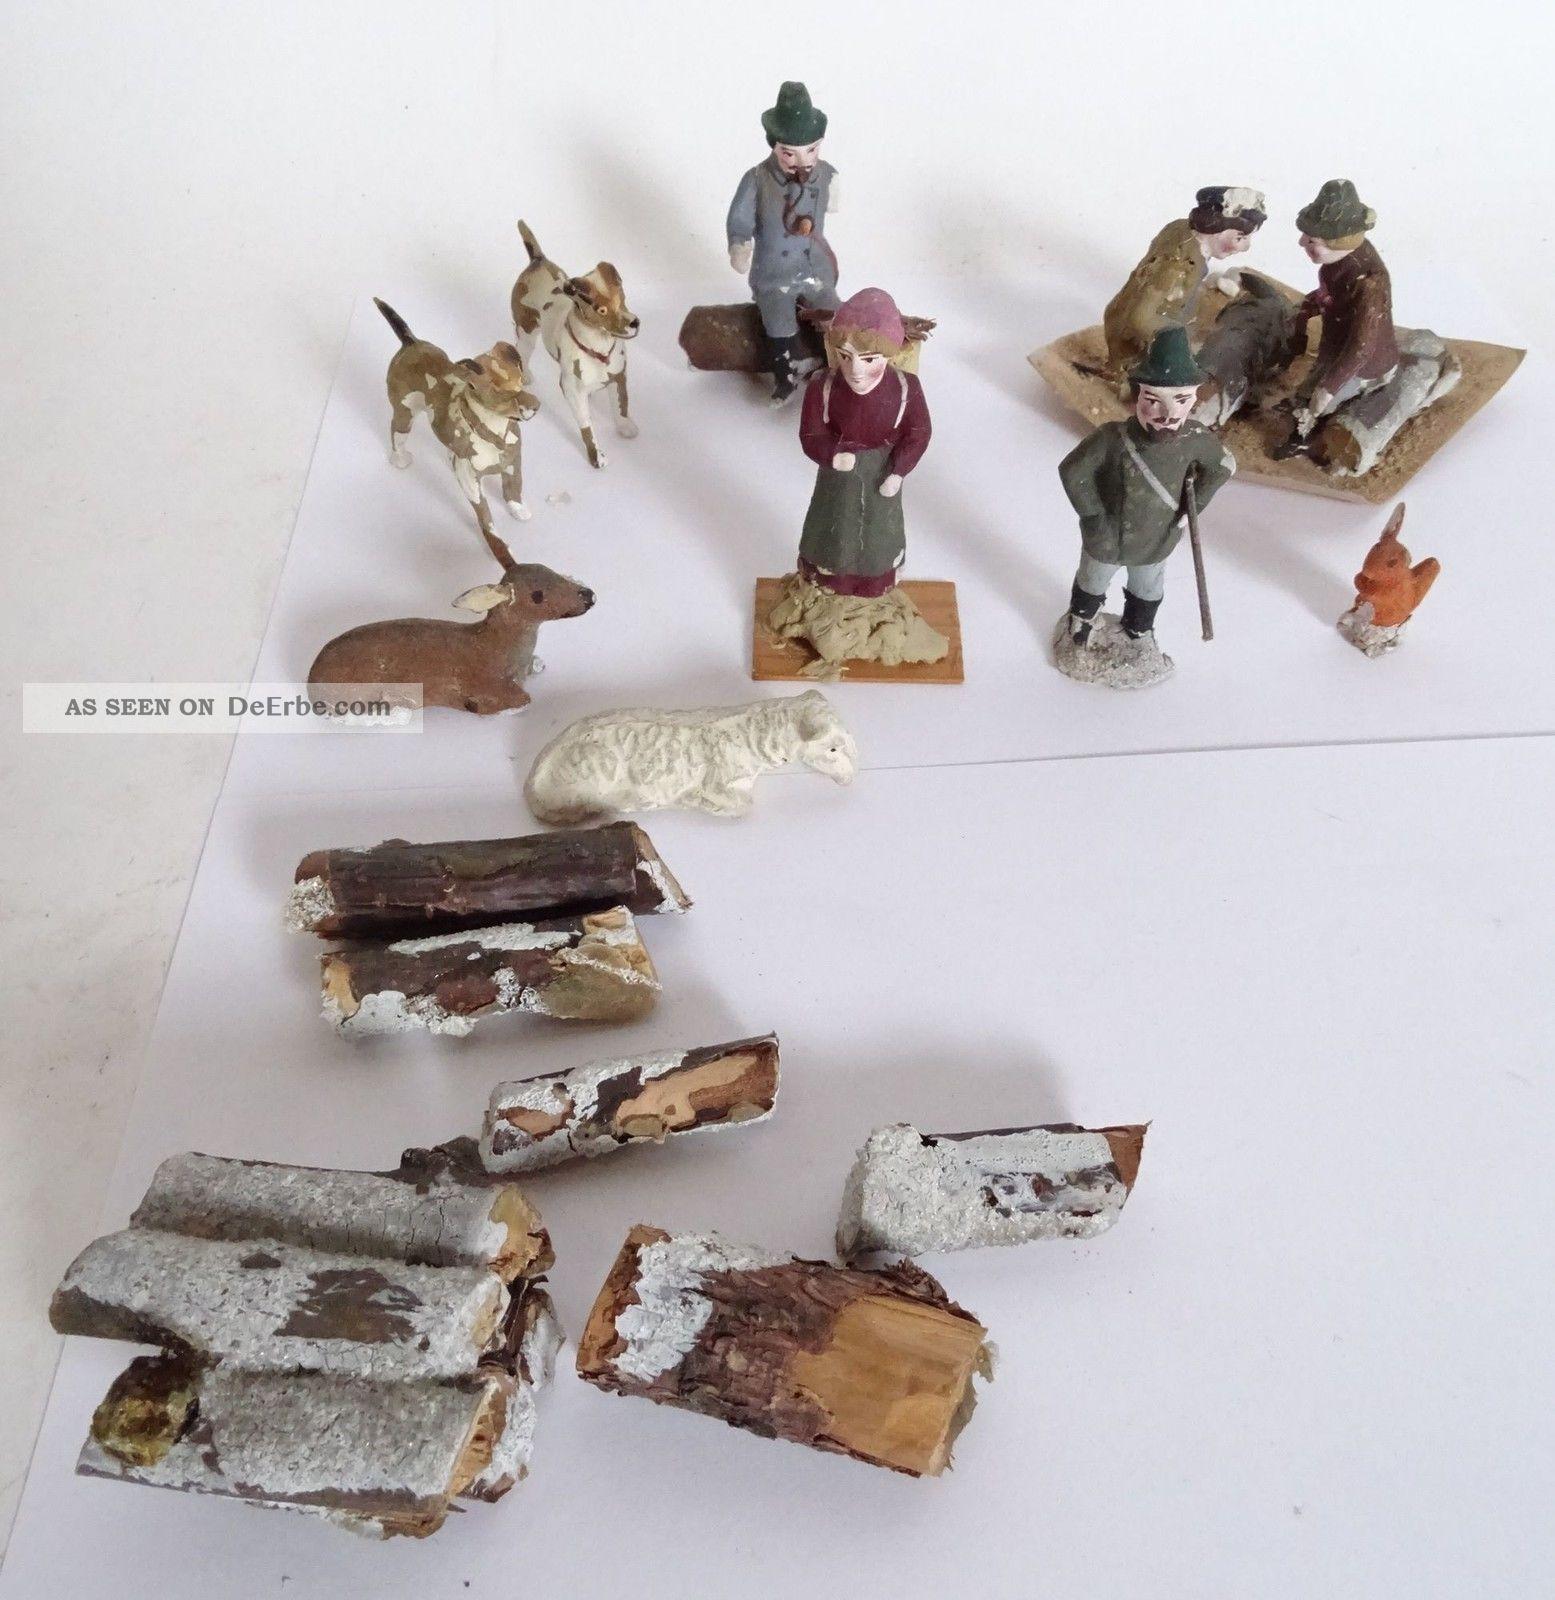 Antikes Konvolut Massefiguren Jäger Hunde Schaf Eichhörnchen Reh Bauer Feuer Gefertigt vor 1945 Bild